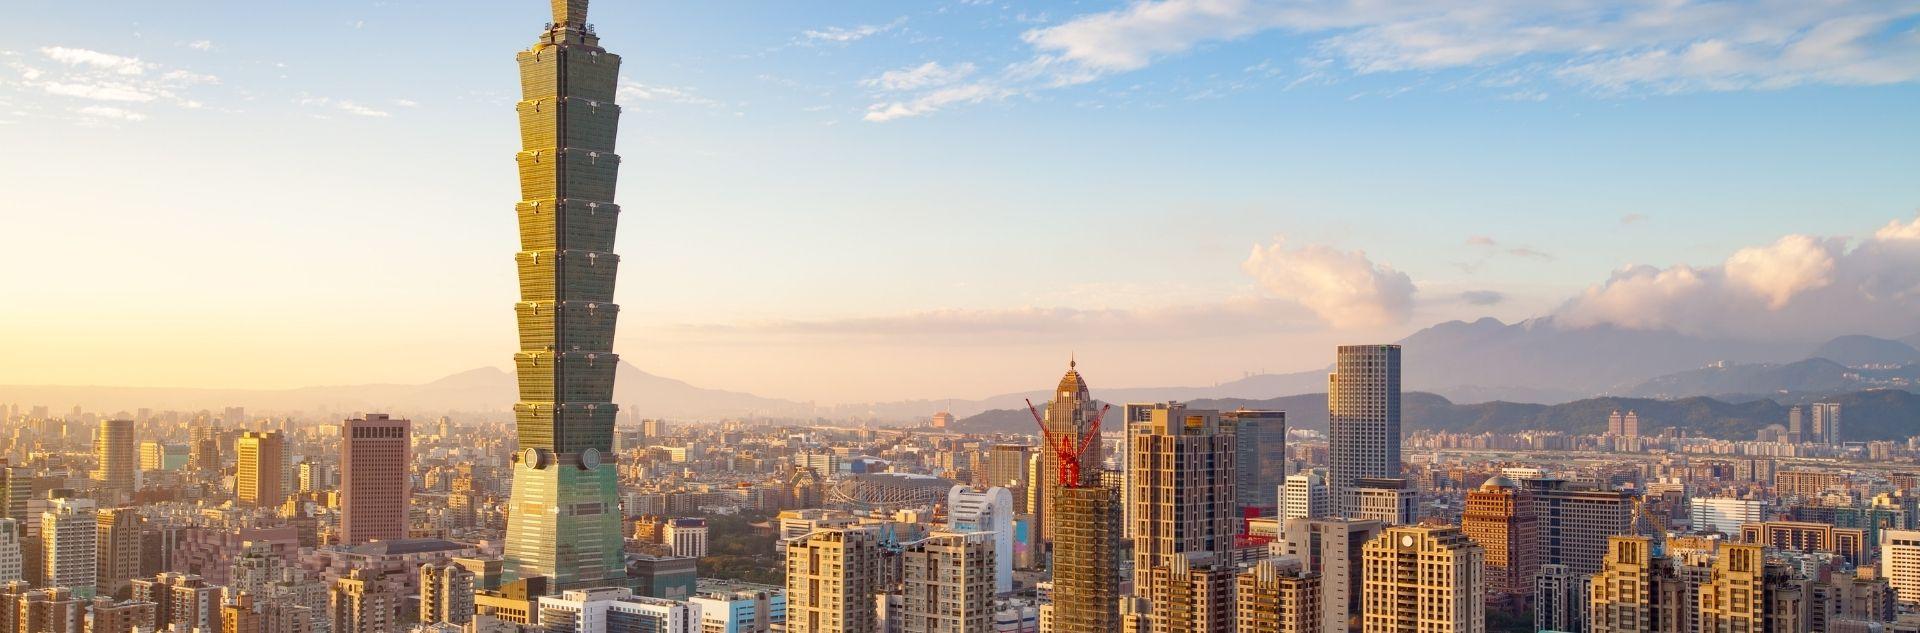 Taipeh Blick auf die Stadt mit Wolkenkratzer 101